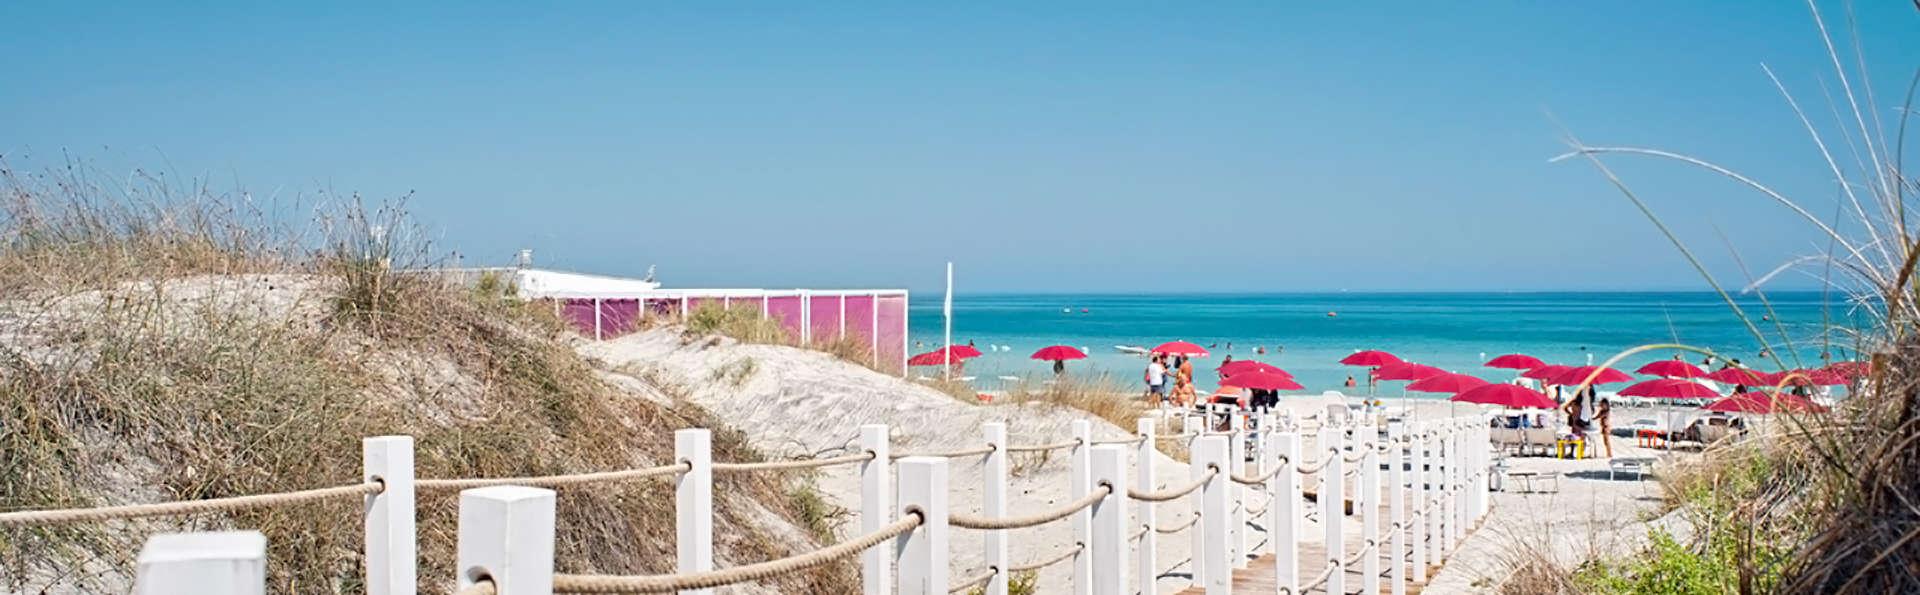 Réservez à présent dans le Salento et économisez : nuit avec petit déjeuner, spa et accès à la plage